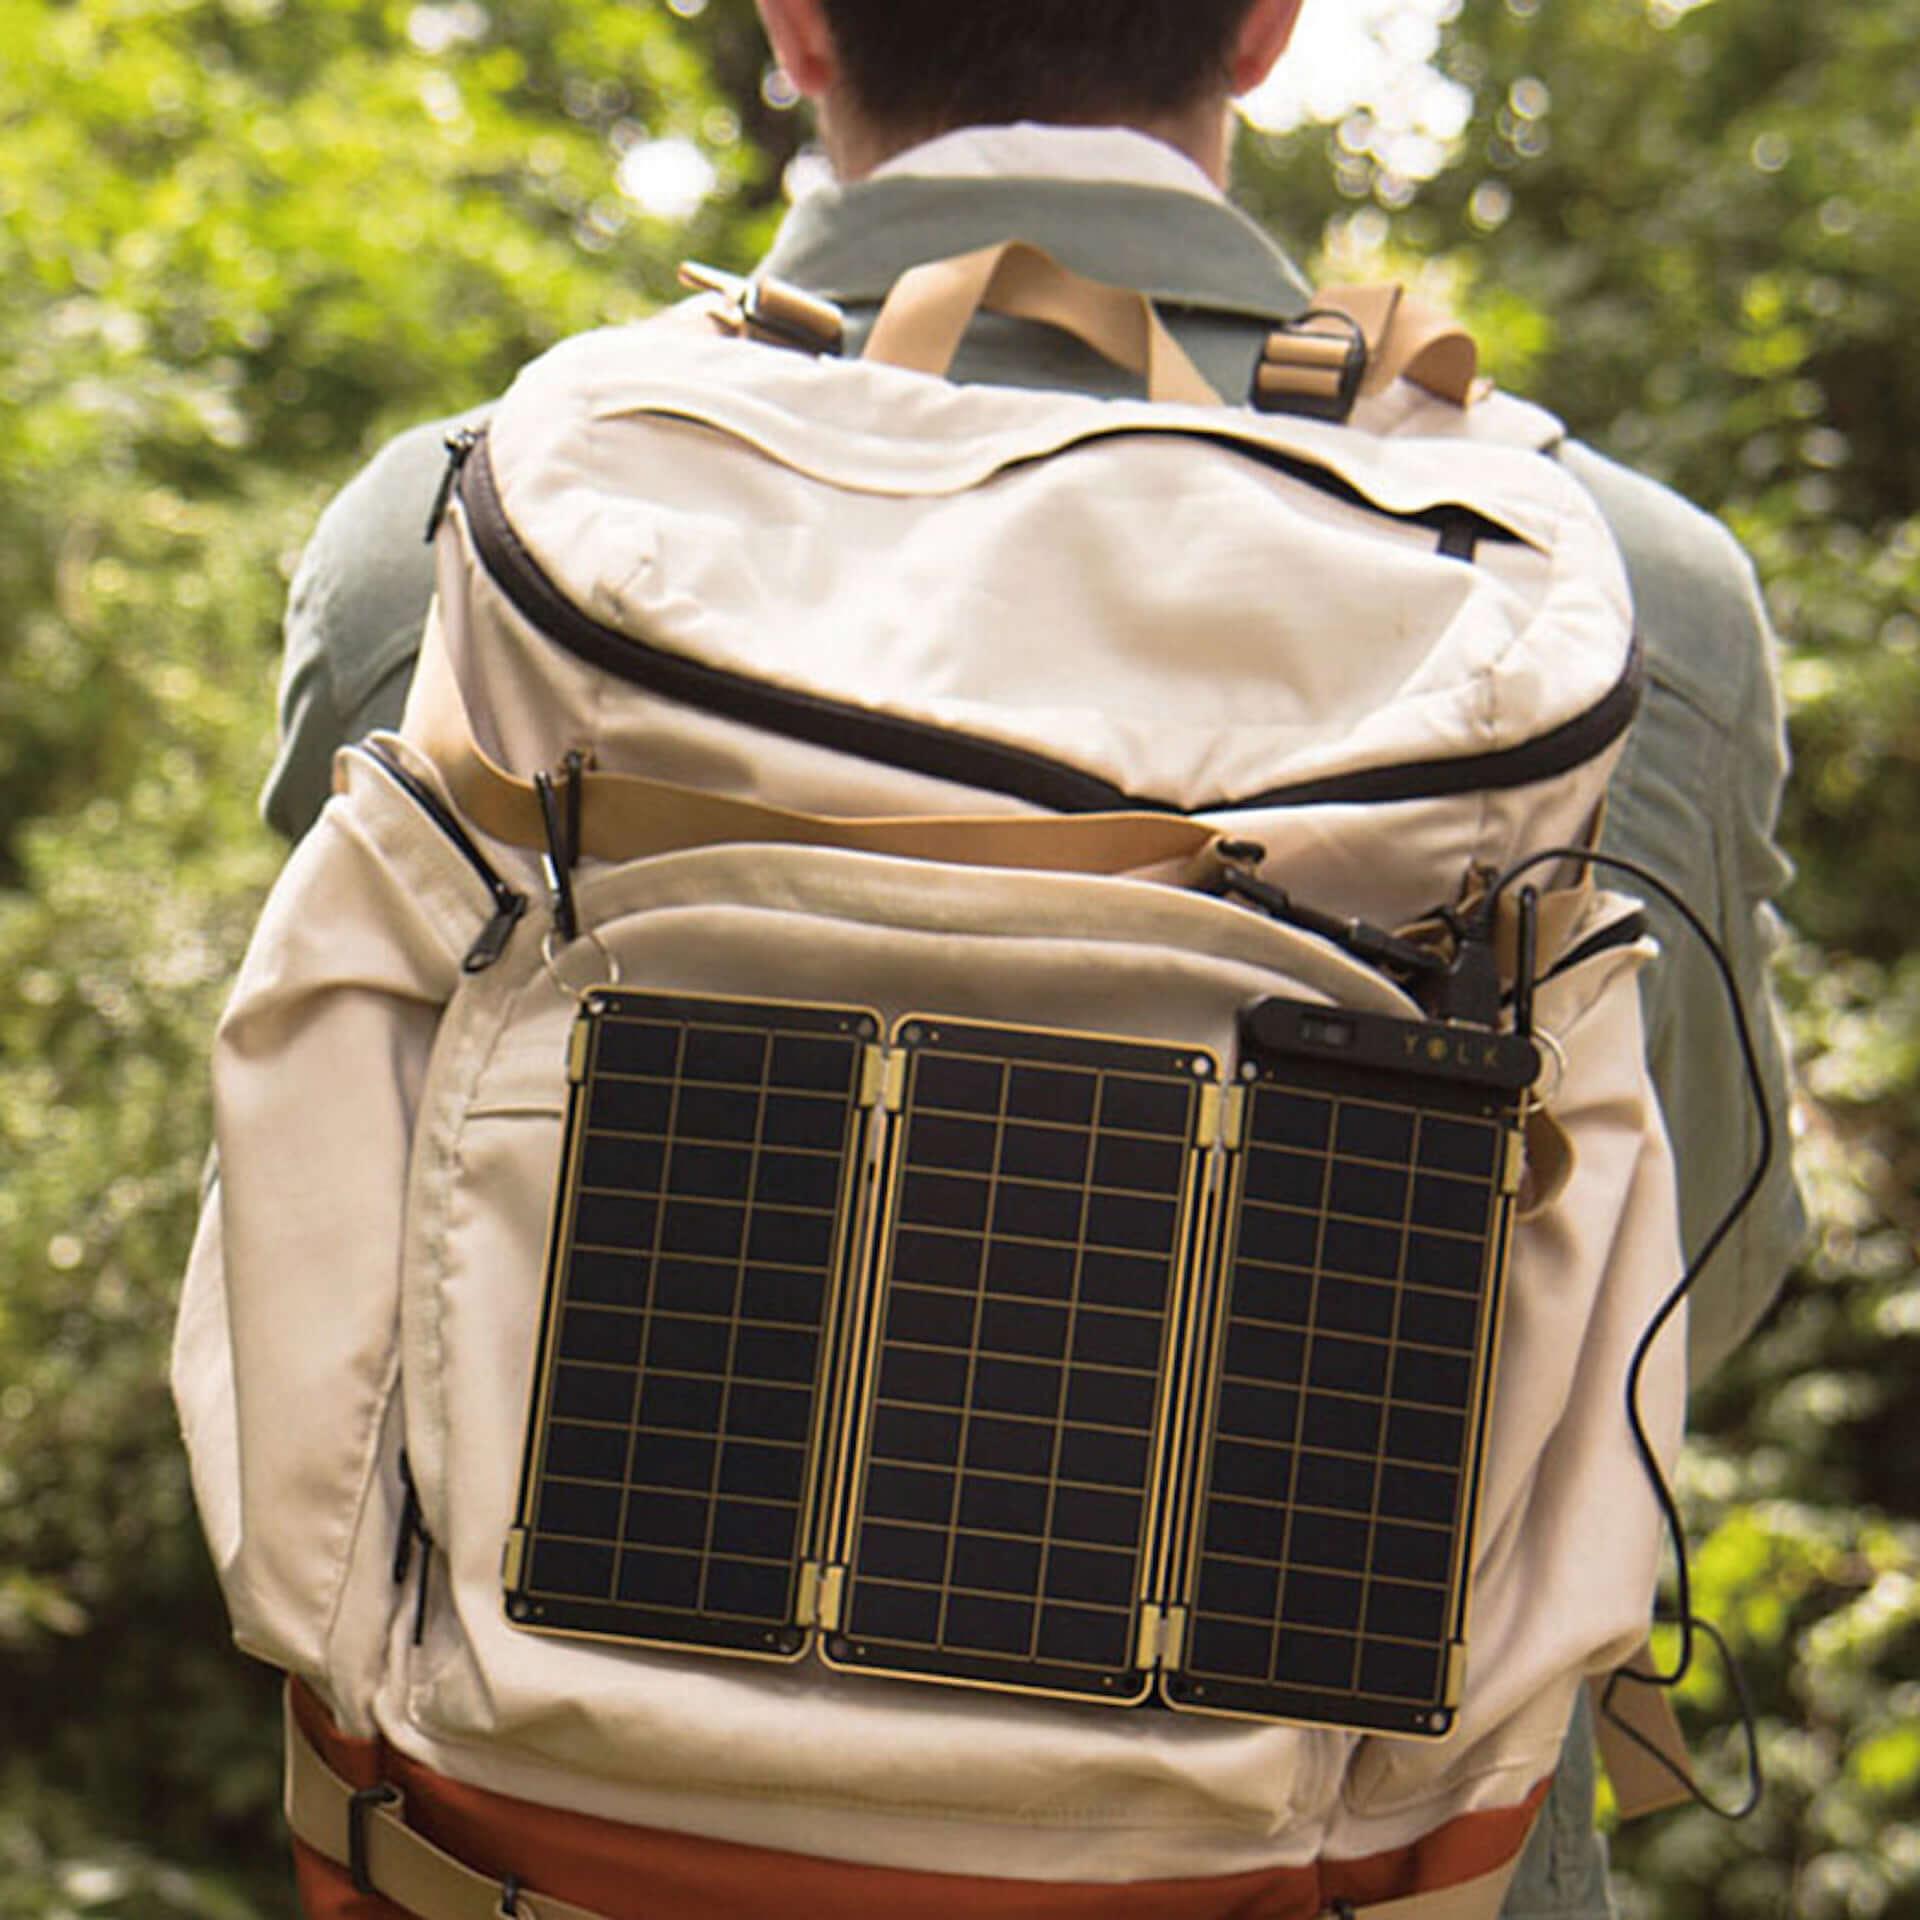 世界最薄・最軽量!家庭用コンセント同等の充電スピードを誇る、高性能ソーラーチャージャー「YOLK Solar Paper」が登場 technology190821yolk-solar-paper_12-1920x1920